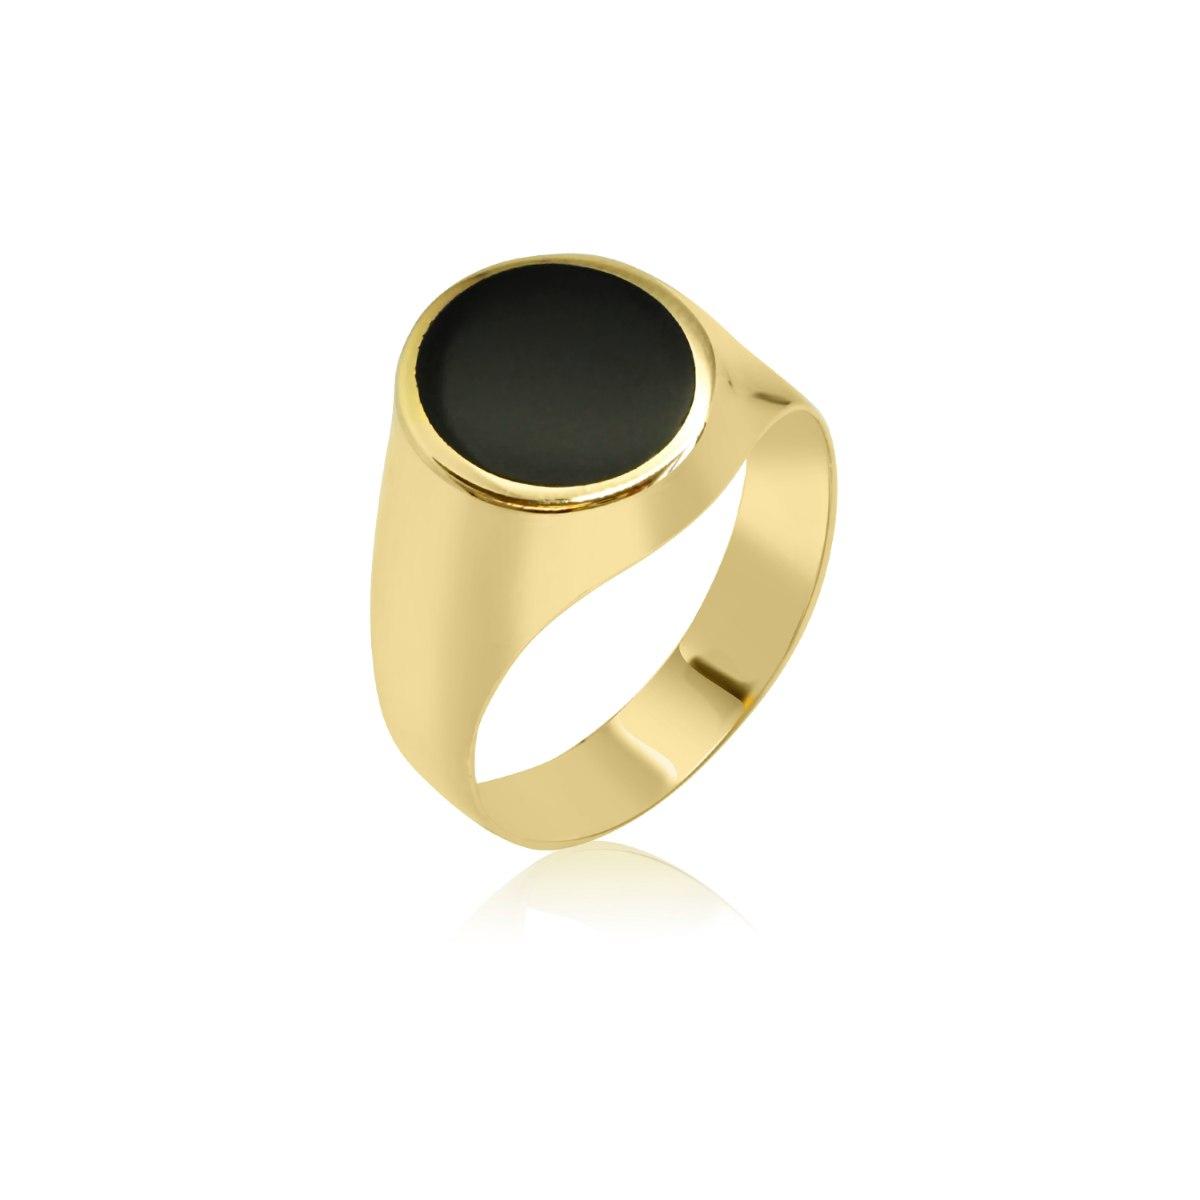 טבעת לגבר זהב עם אמייל שחור